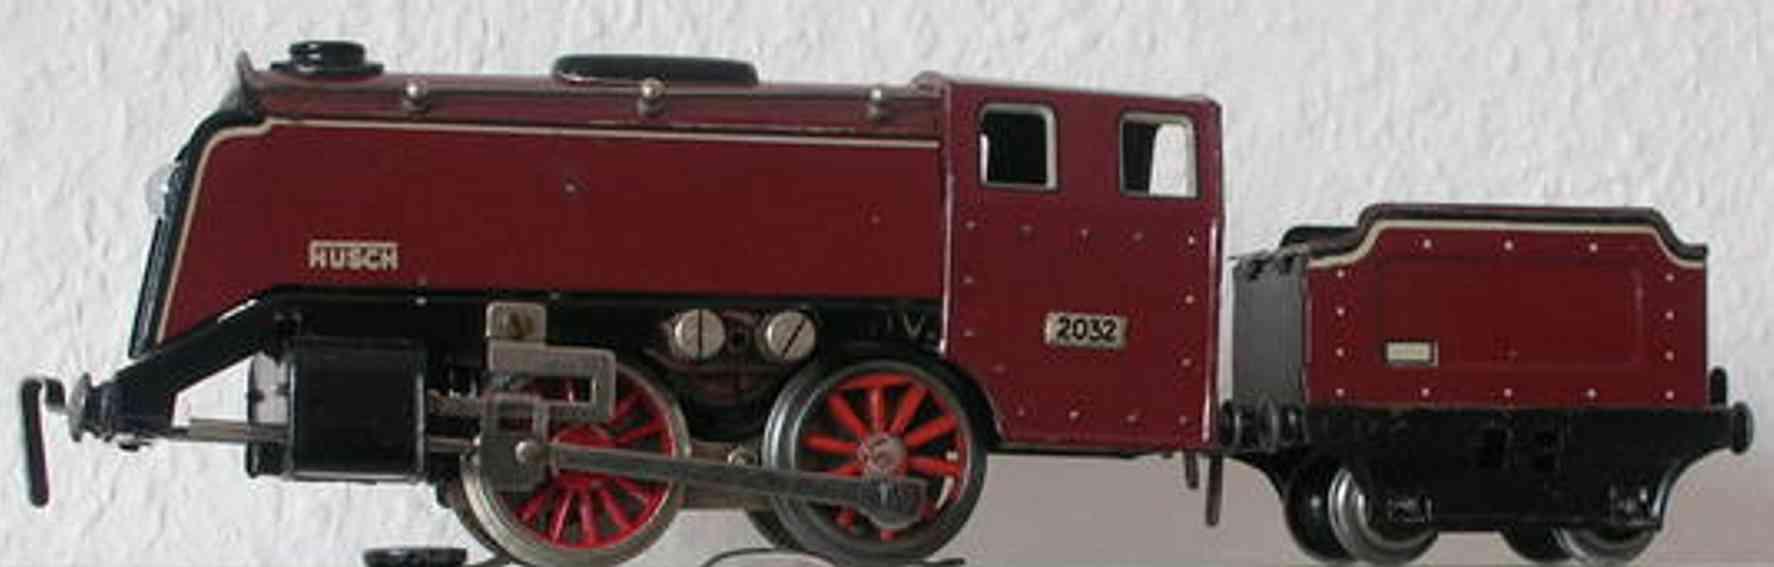 Husch 2032 20 Volt Lokmotive